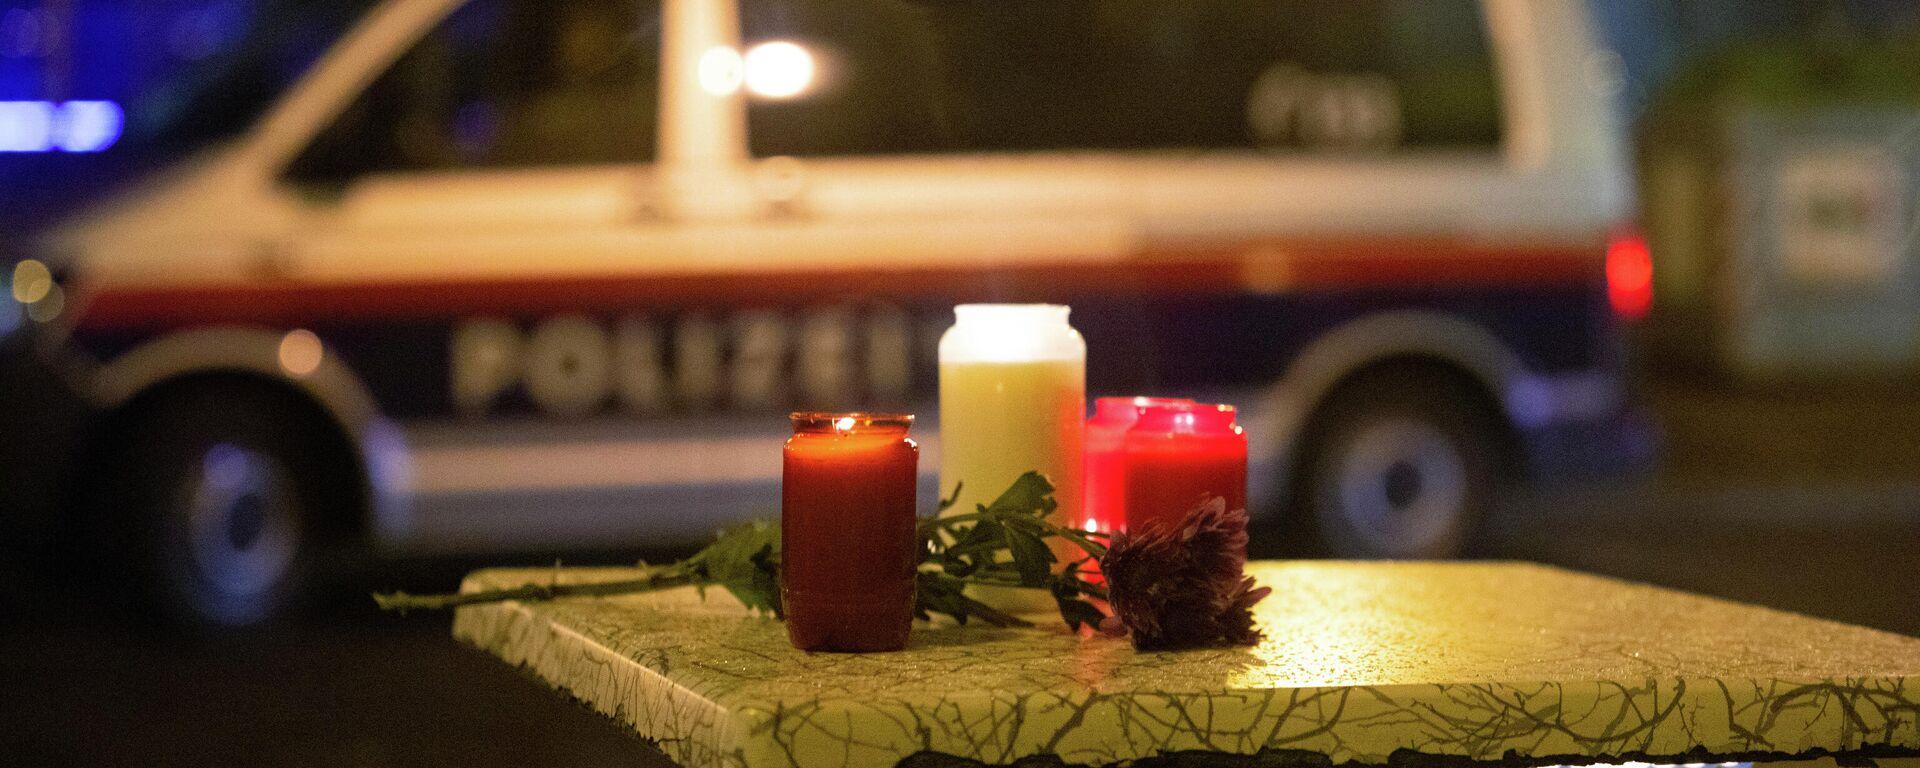 Kerzen am Ort des Terroranschlags in Wien, 3. November 2020 - SNA, 1920, 31.01.2021